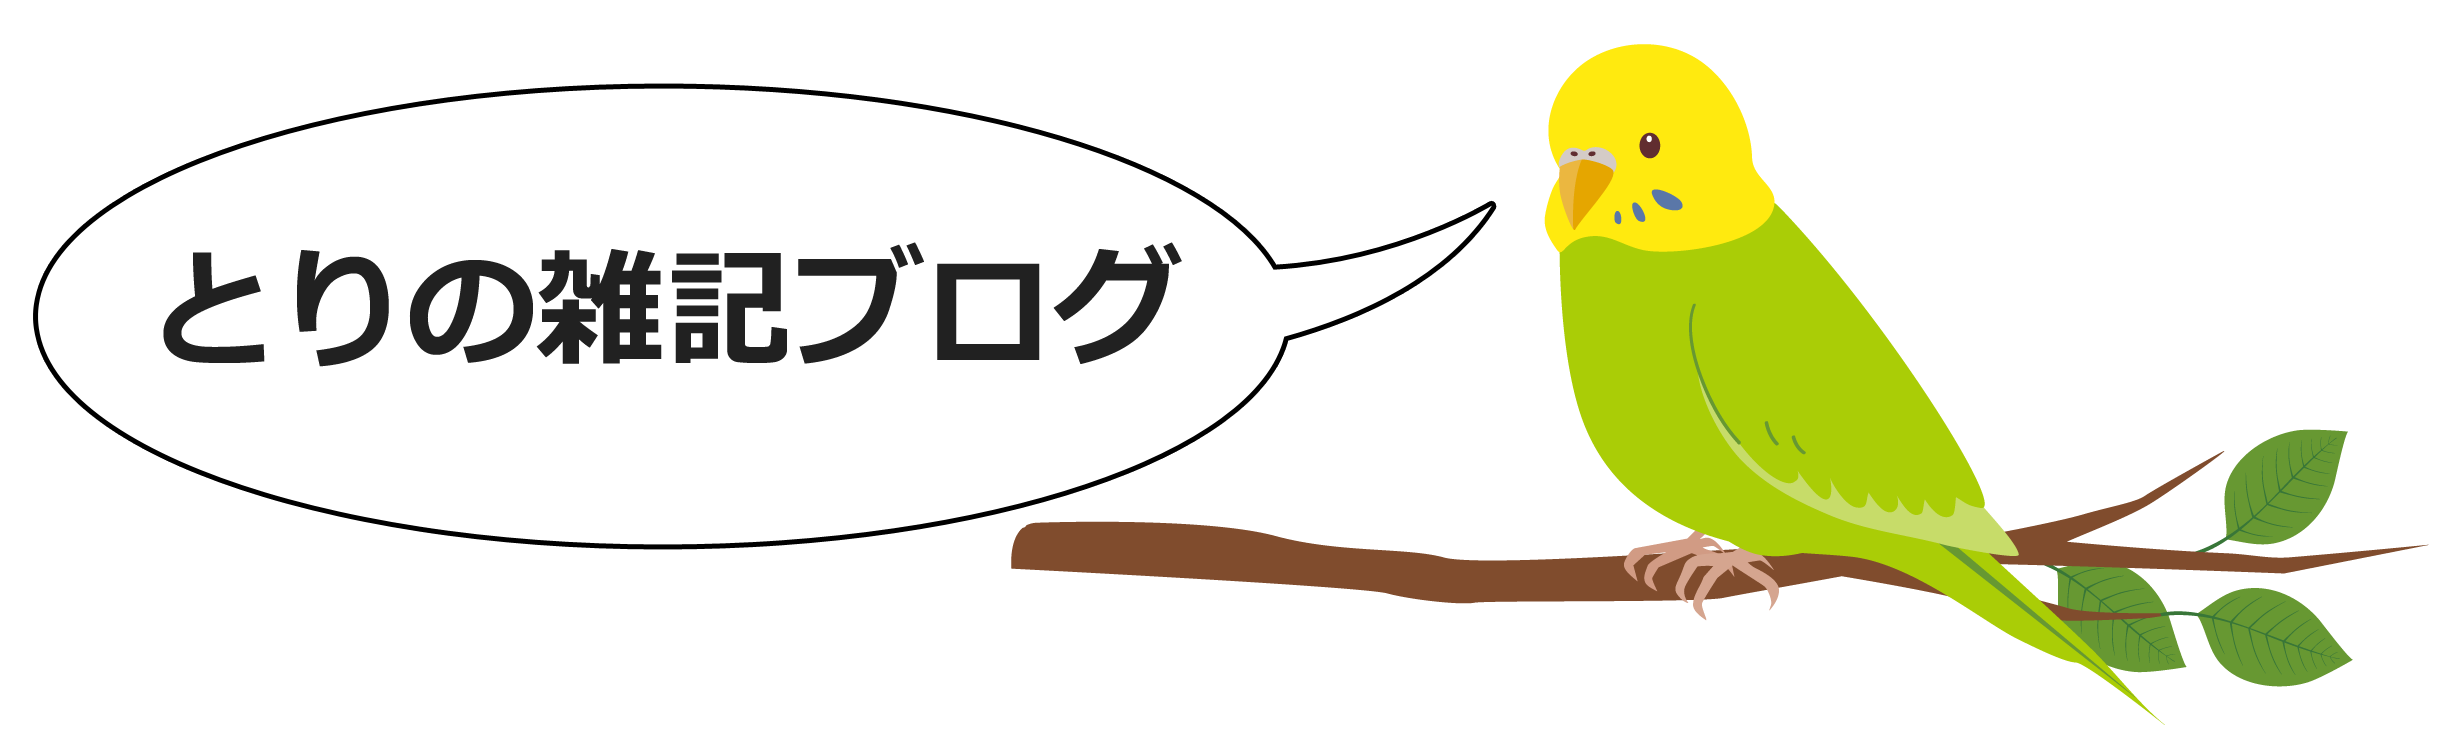 torinozakki